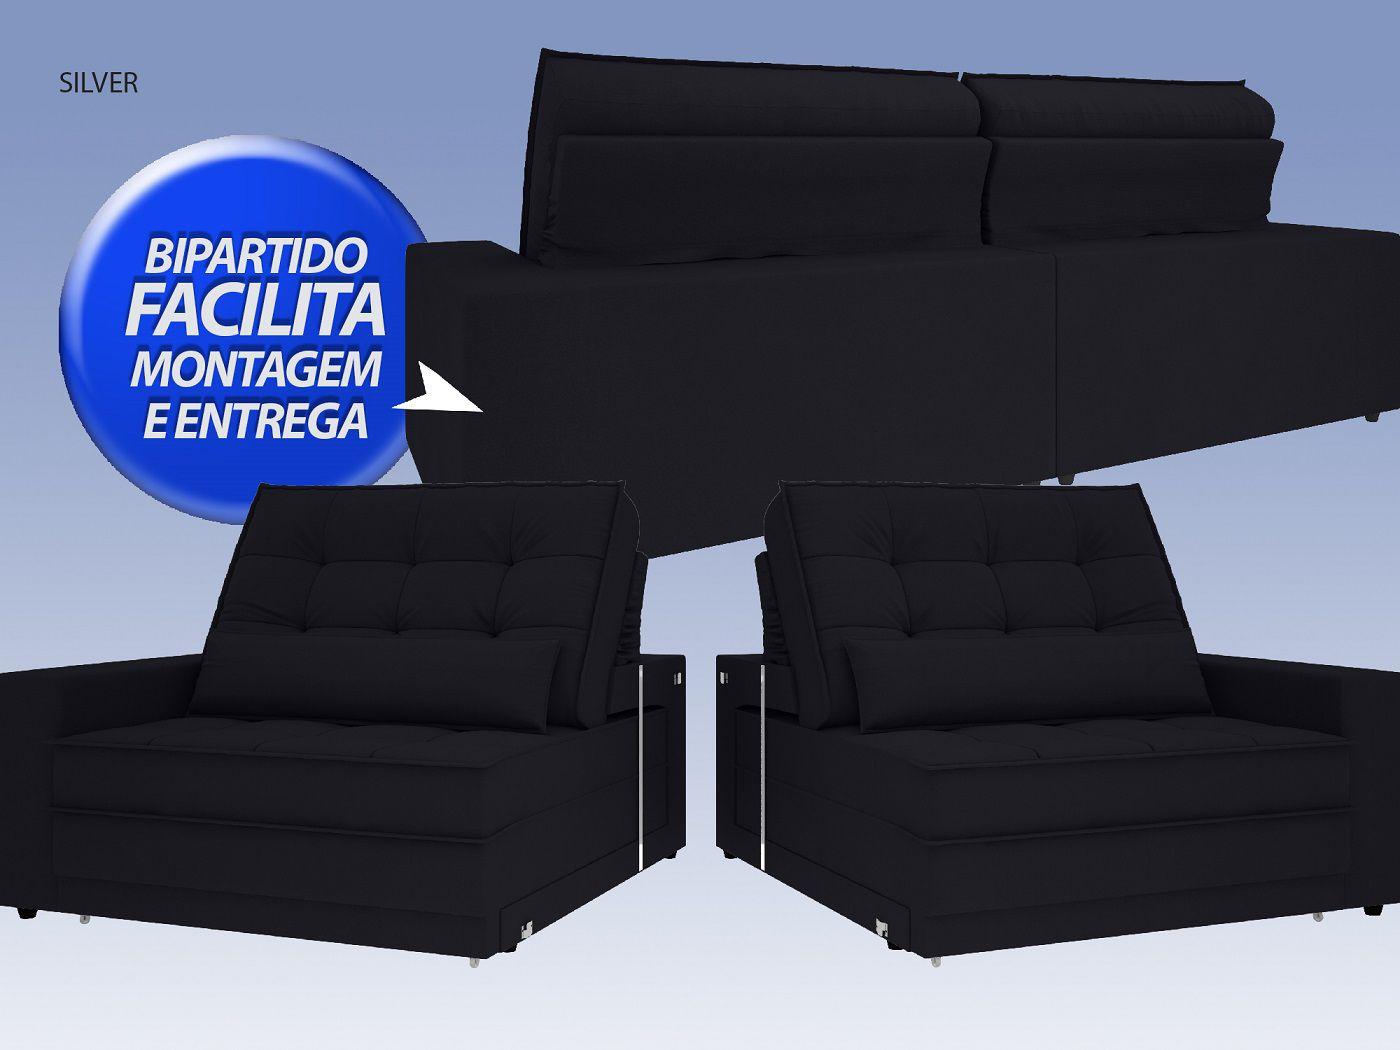 Sofá Silver 2,80m Retrátil e Reclinável Velosuede Preto - NETSOFAS  - NETSOFÁS